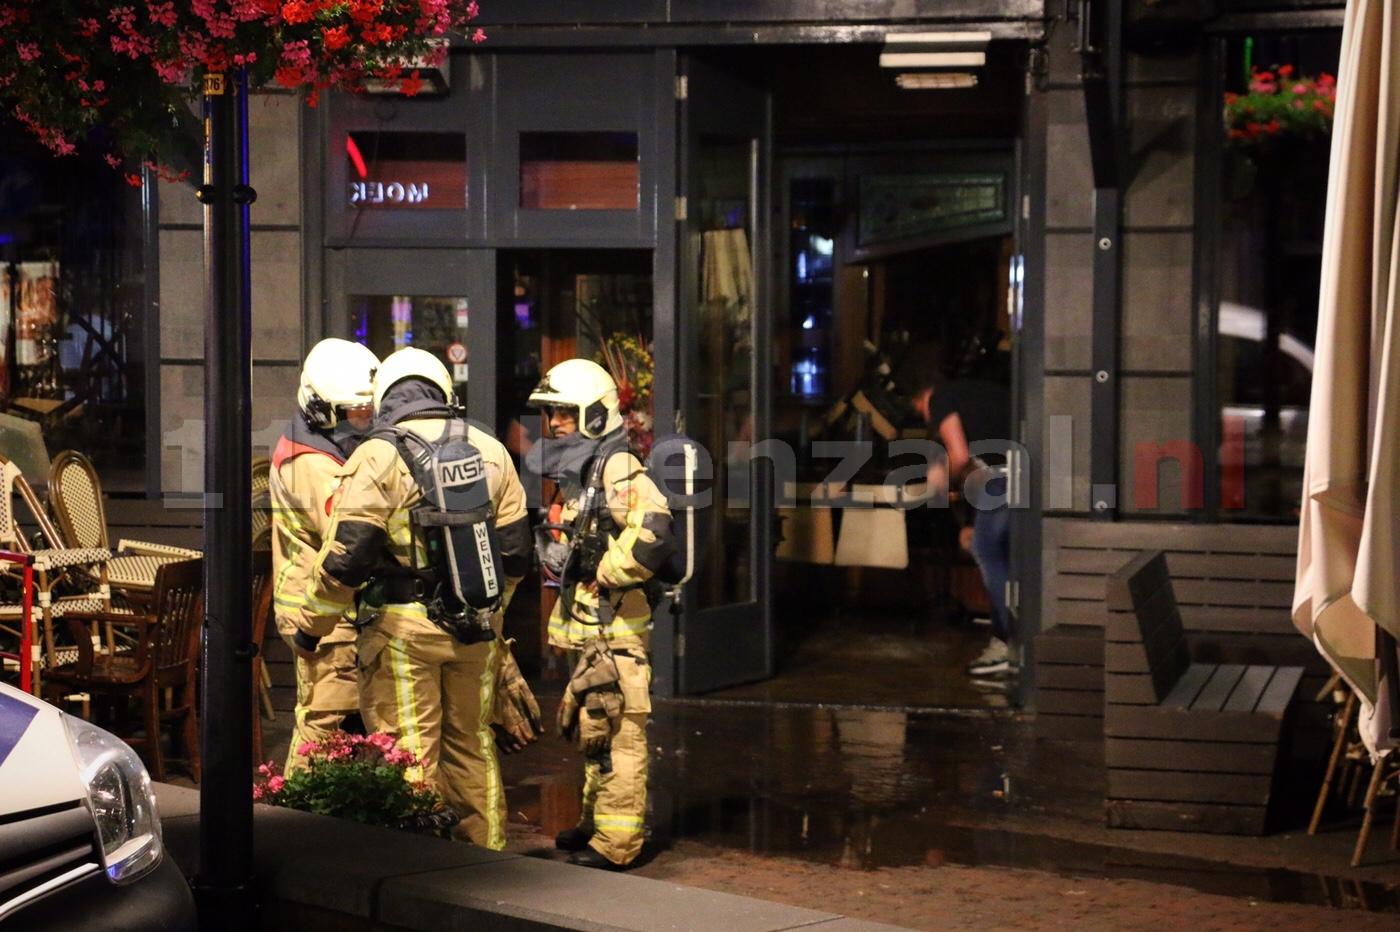 Wateroverlast door sprinklerinstallatie bij lunch-diner-café De Tijd in centrum Oldenzaal